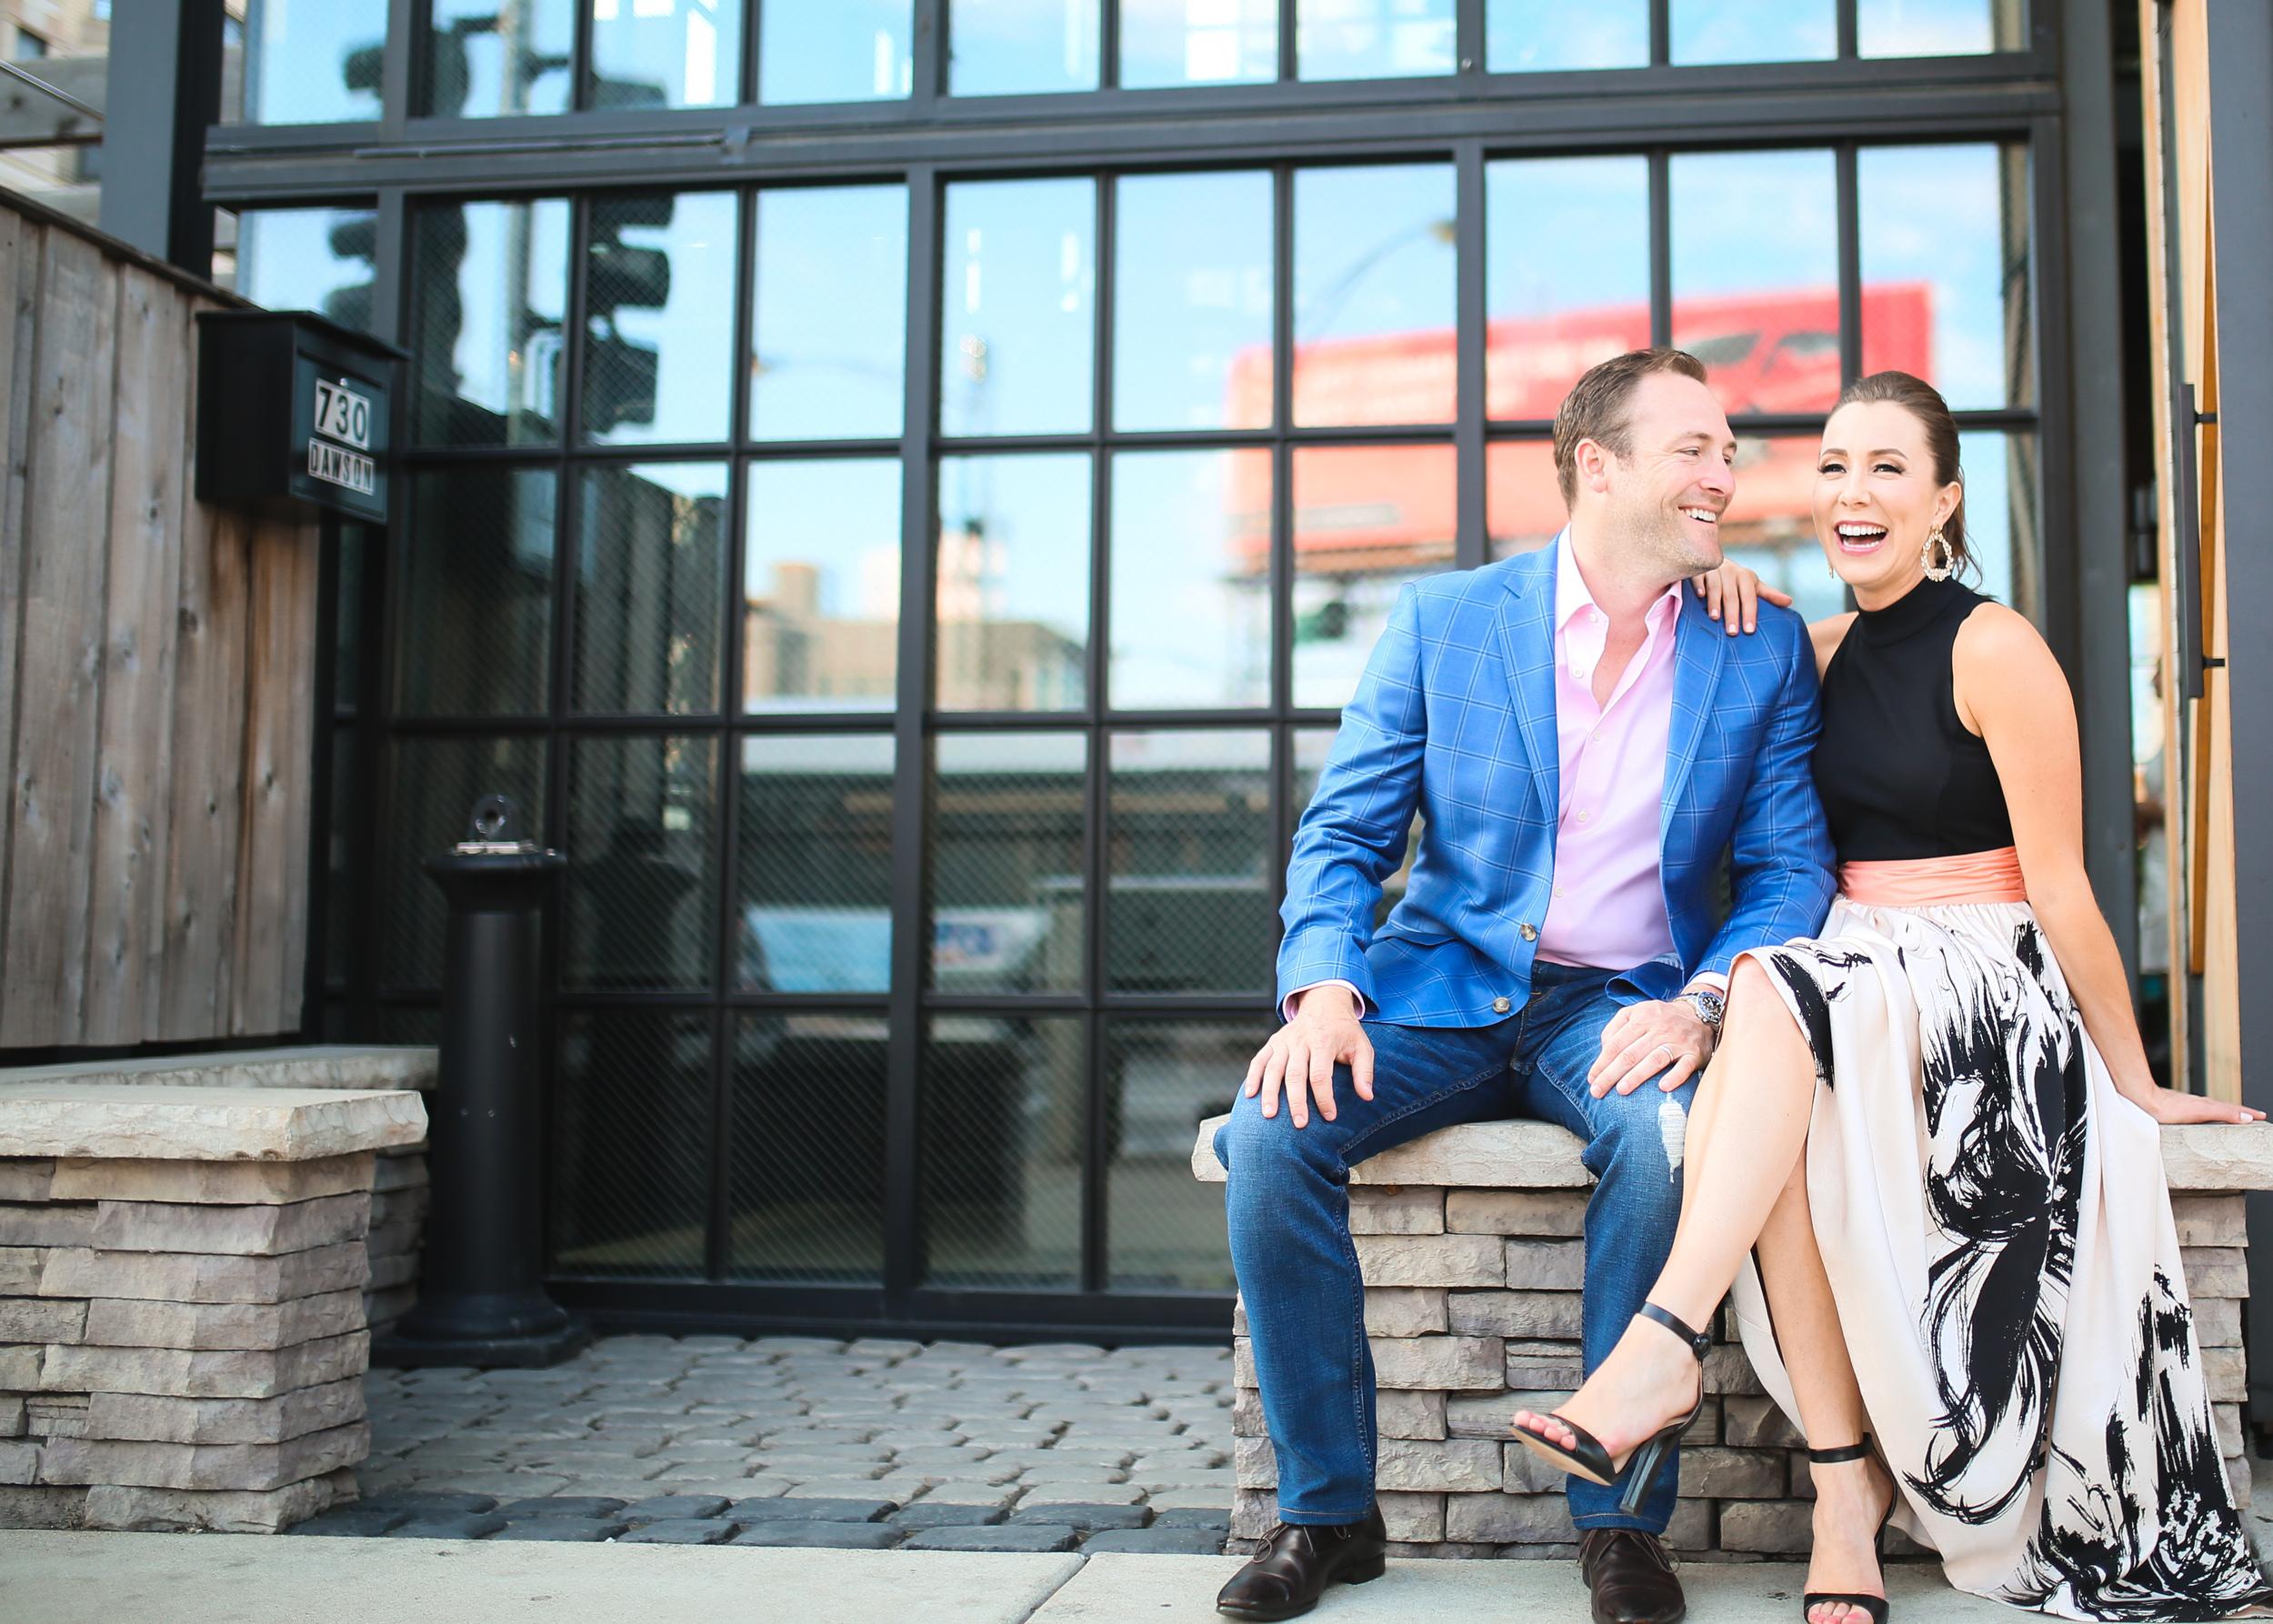 chicago newlyweds sitting